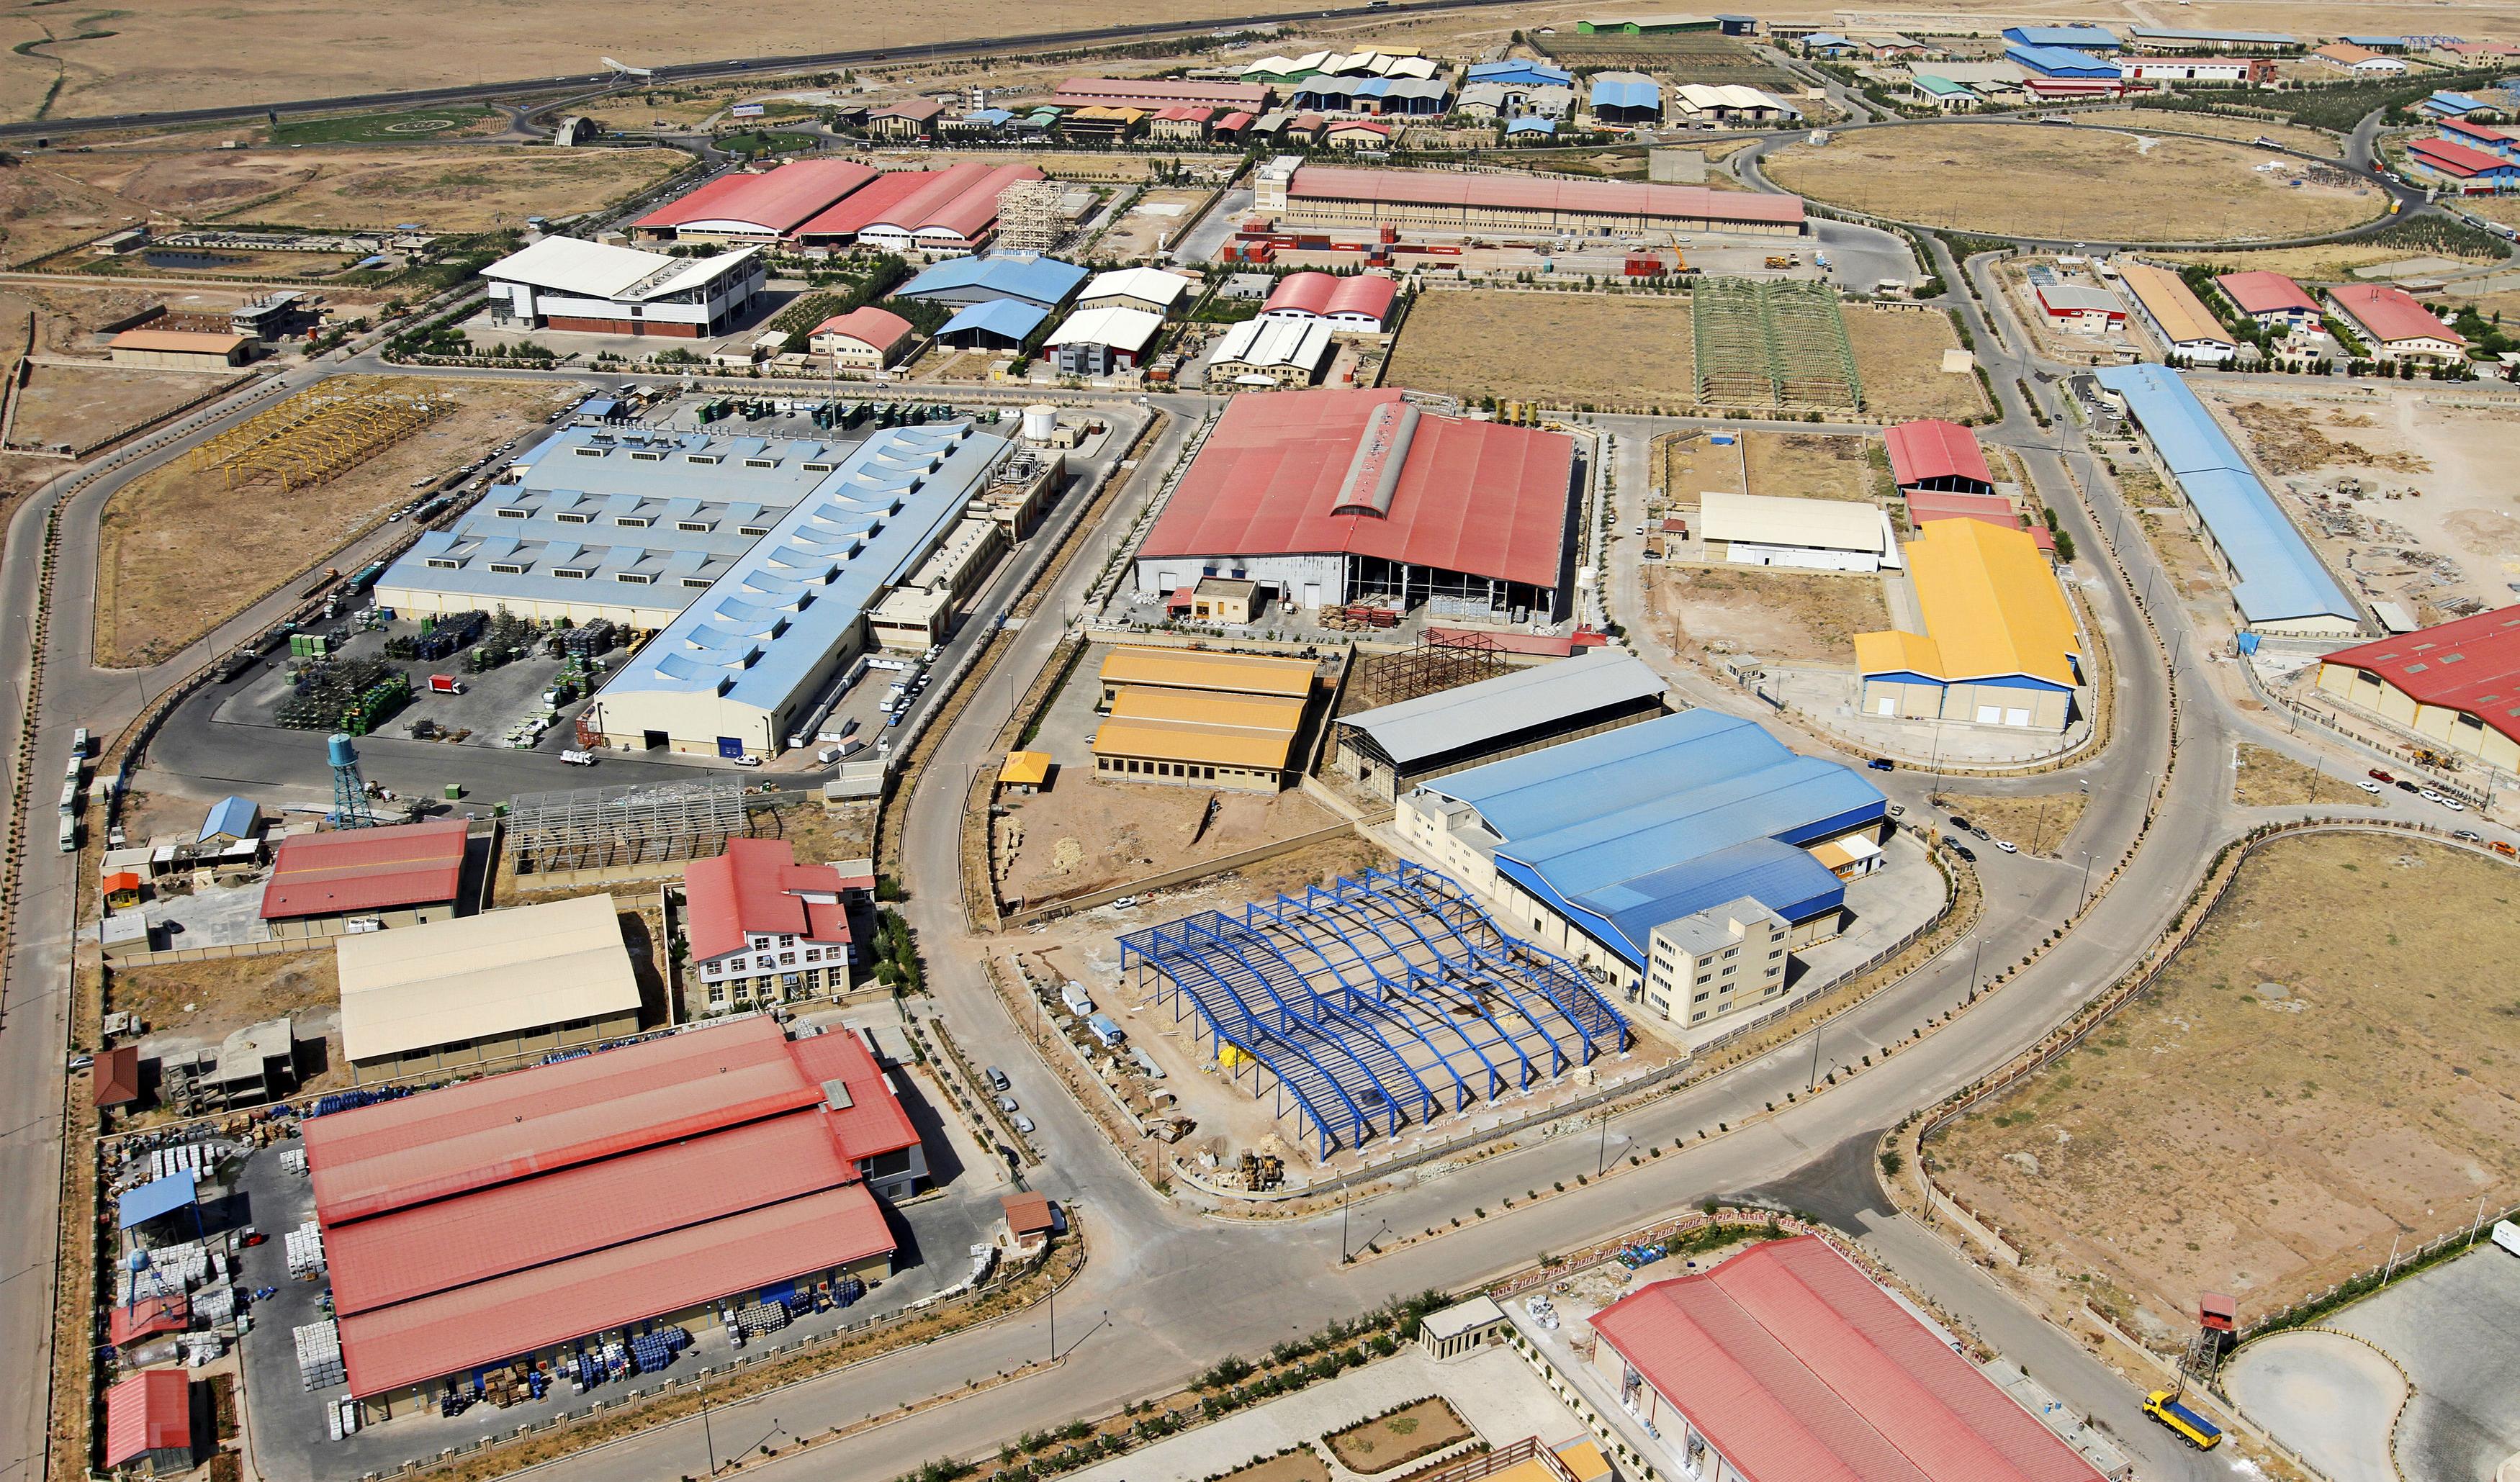 شهرکهای صنعتی به منابع آب و برق پایدار متصل میشوند